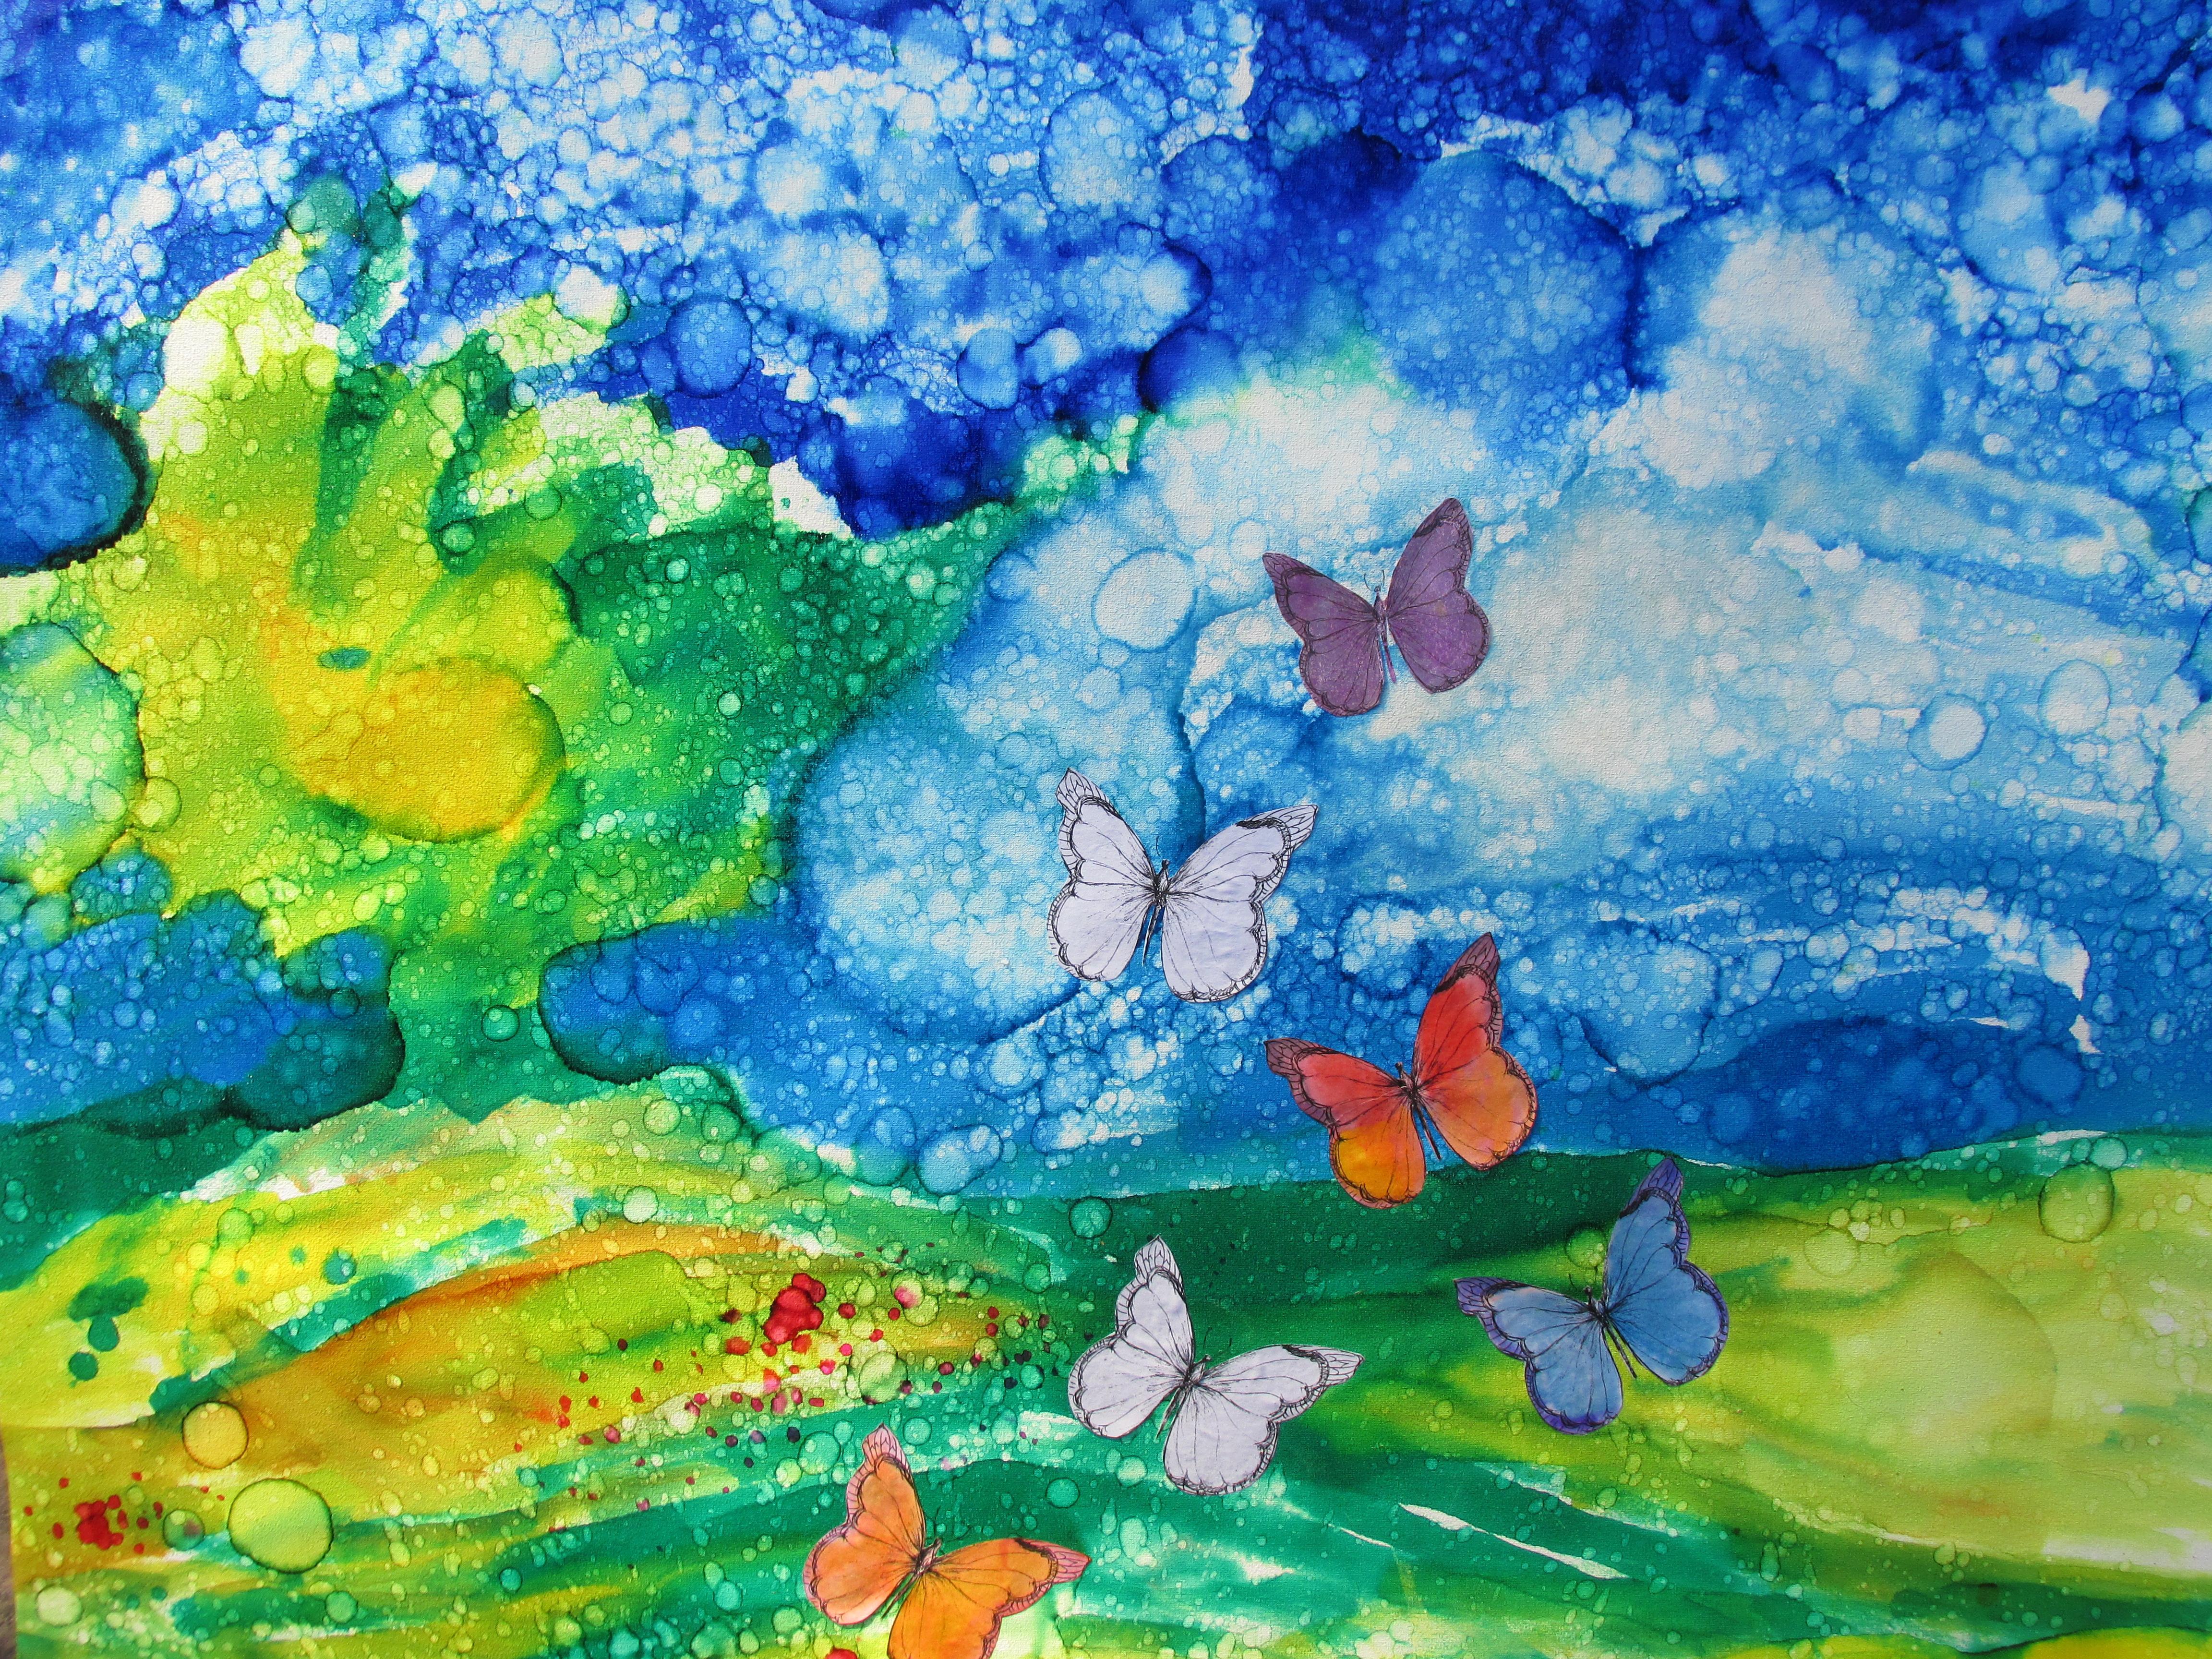 Ruiz Rosana. Primavera. Mixed media on canvas